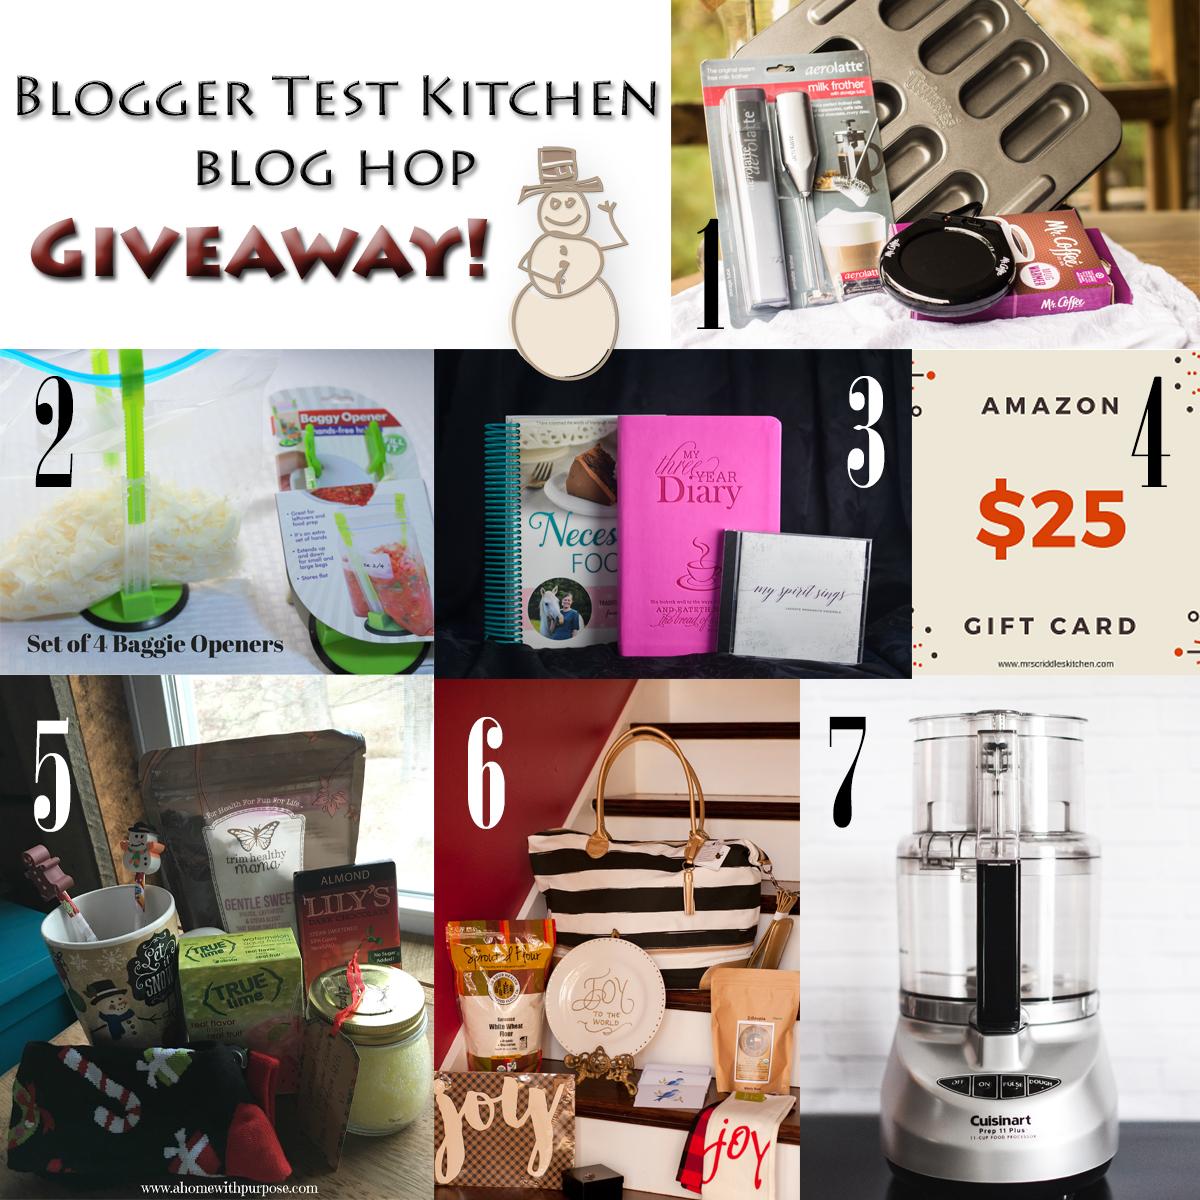 Blogger Test Kitchen Blog Hop Giveaway 2016